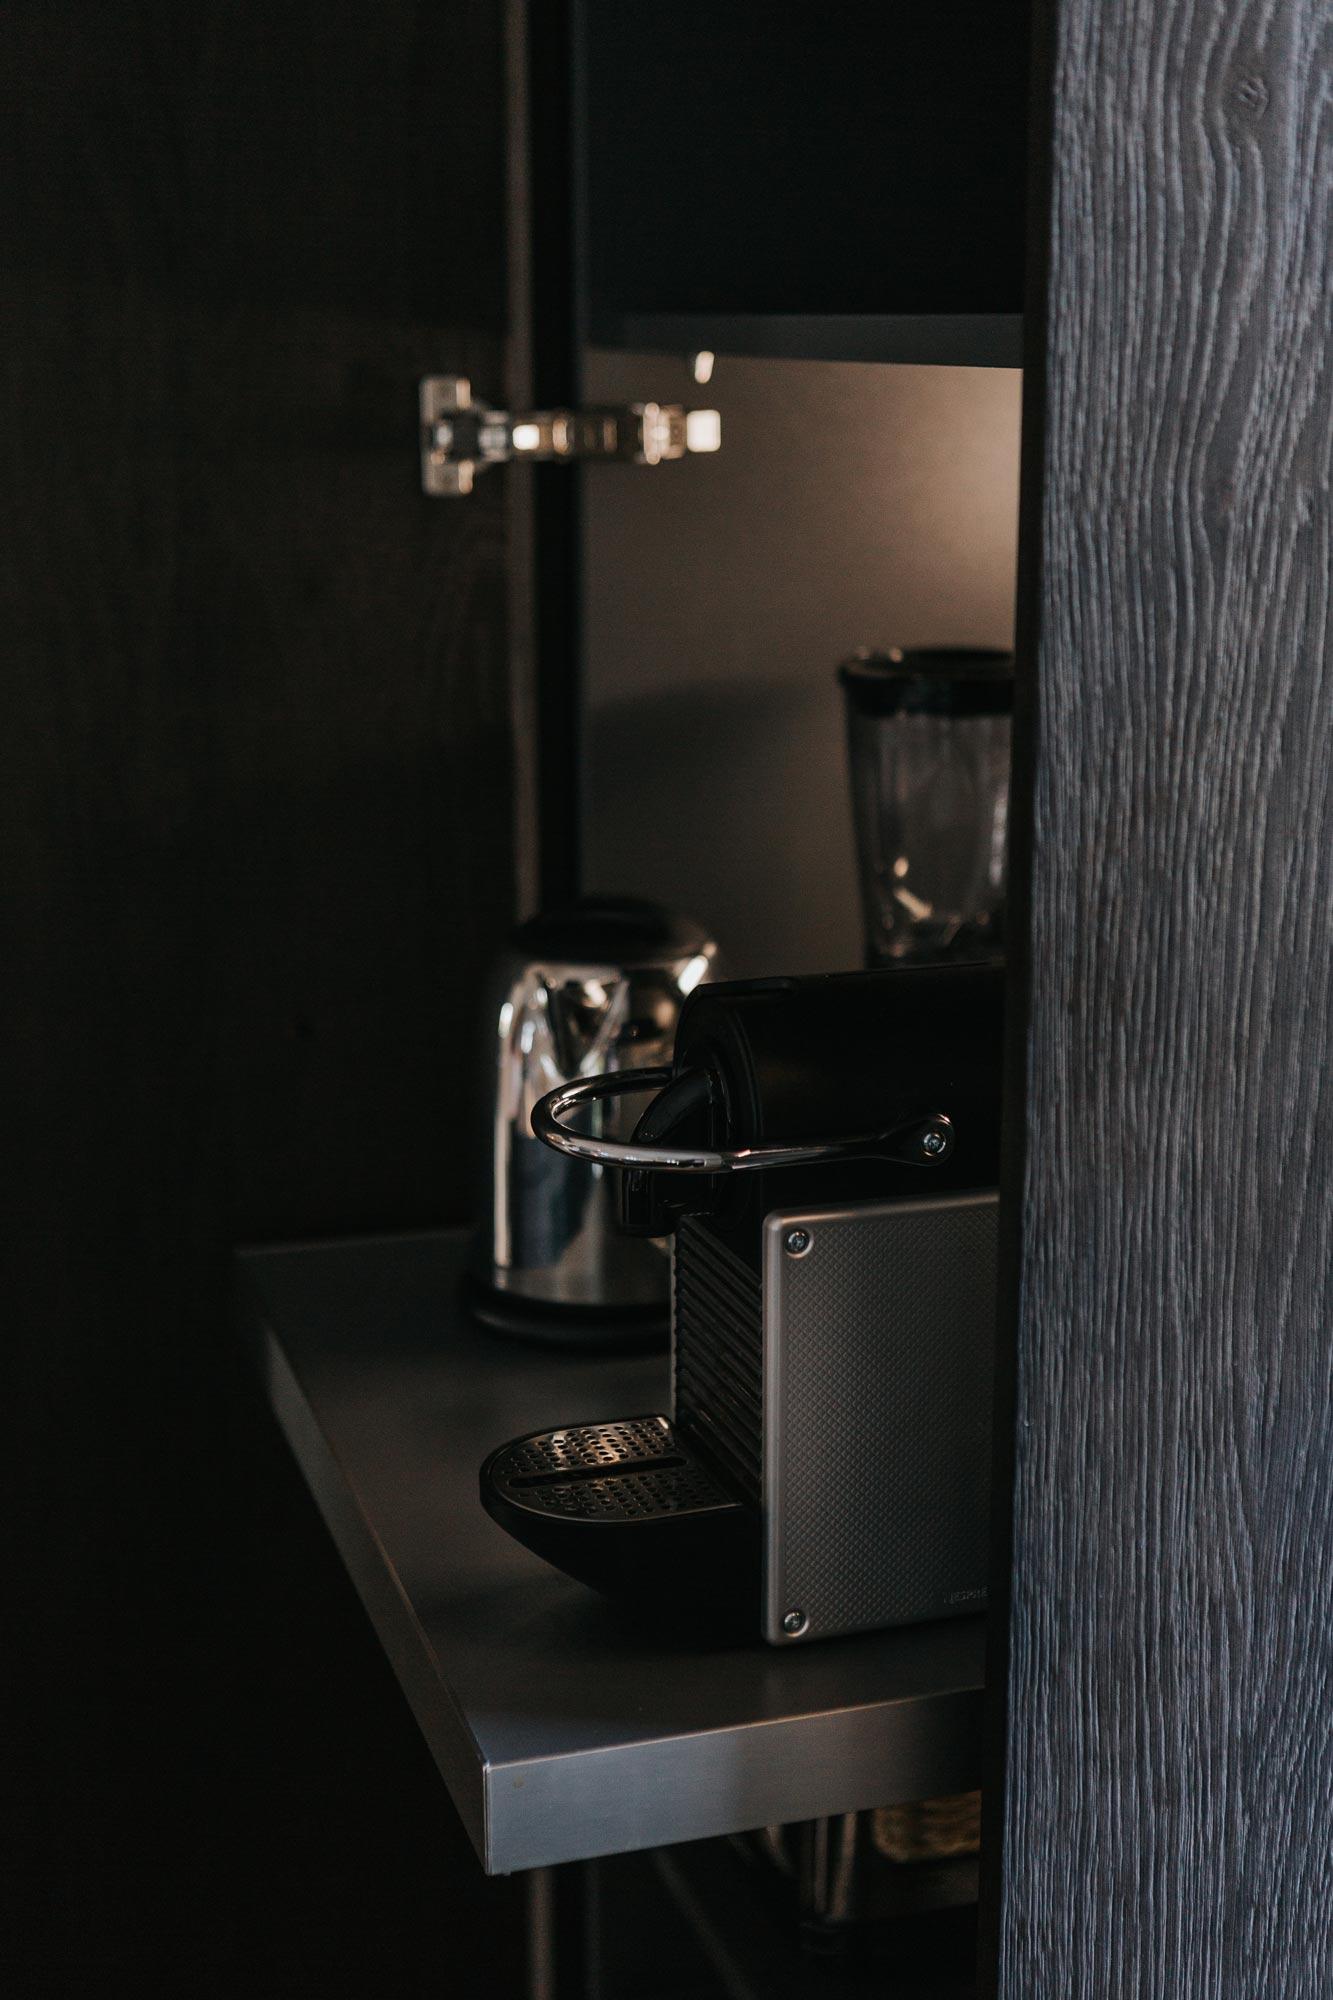 Norzküche, dunkle Eiche gebeitzt, Cafemaschine